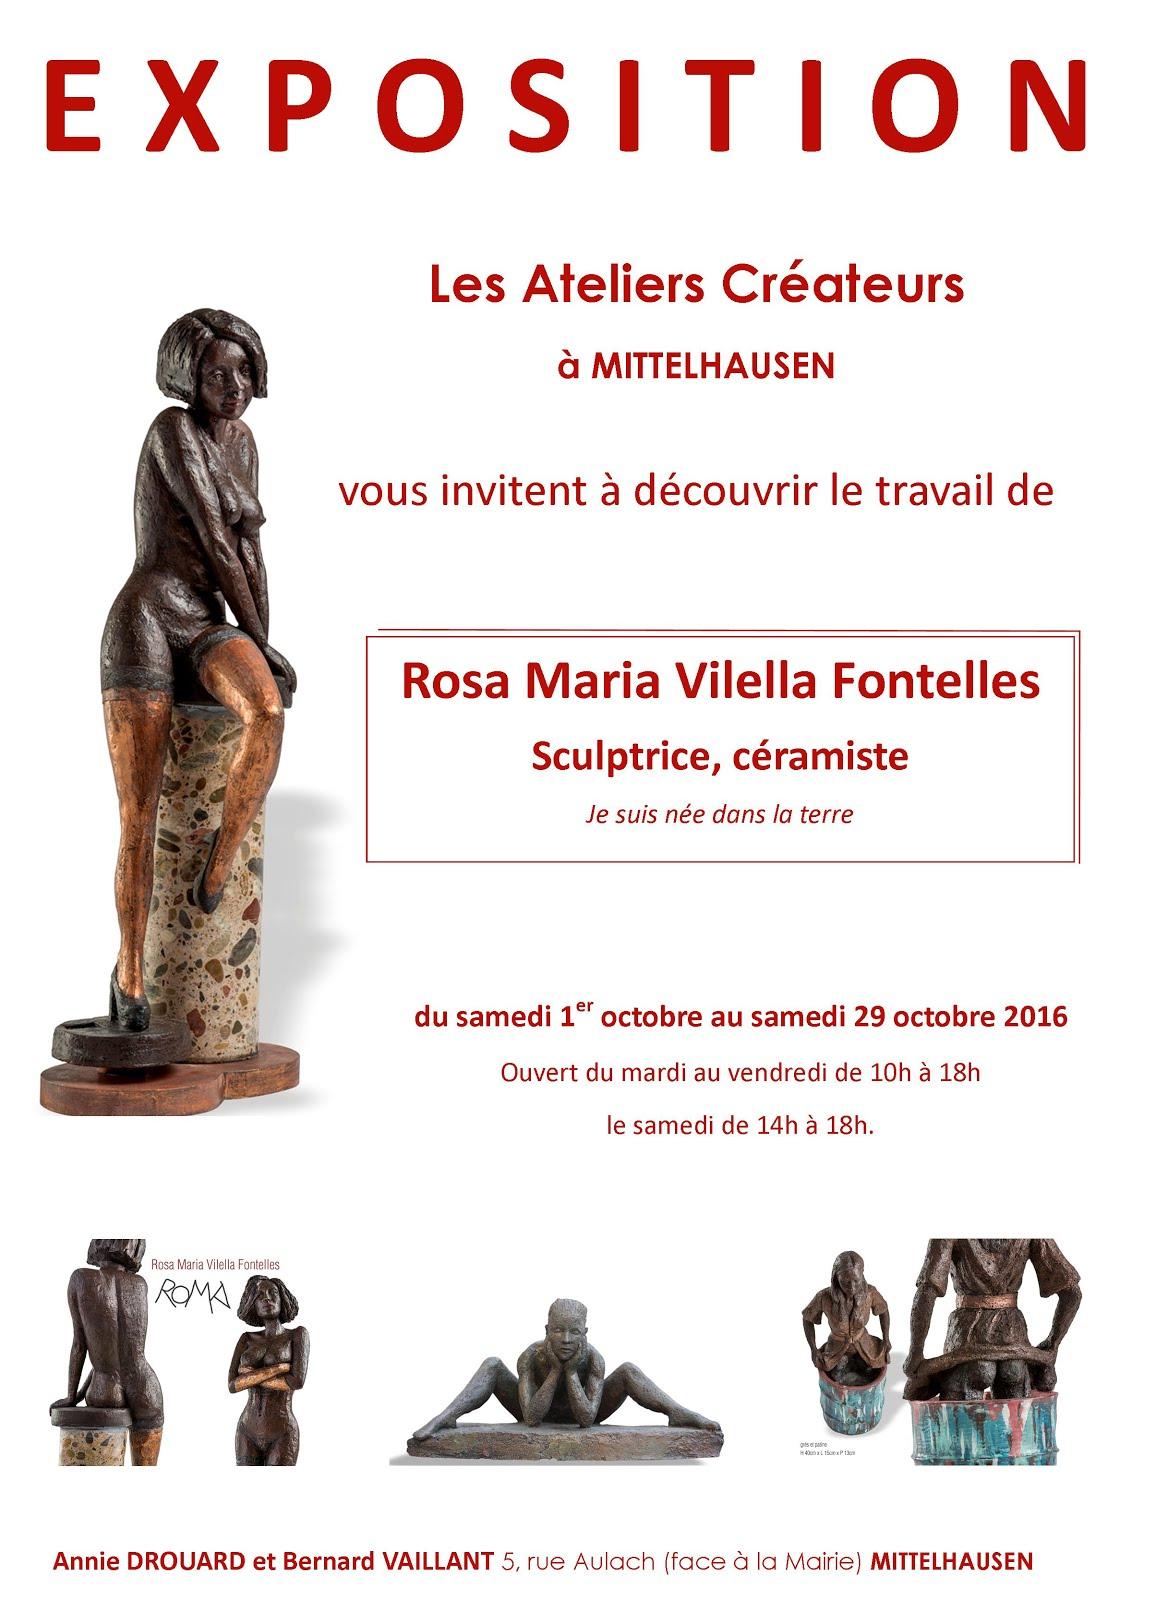 Rosa Maria Vilella Fontelles, artiste céramiste expose aux Ateliers Créateurs